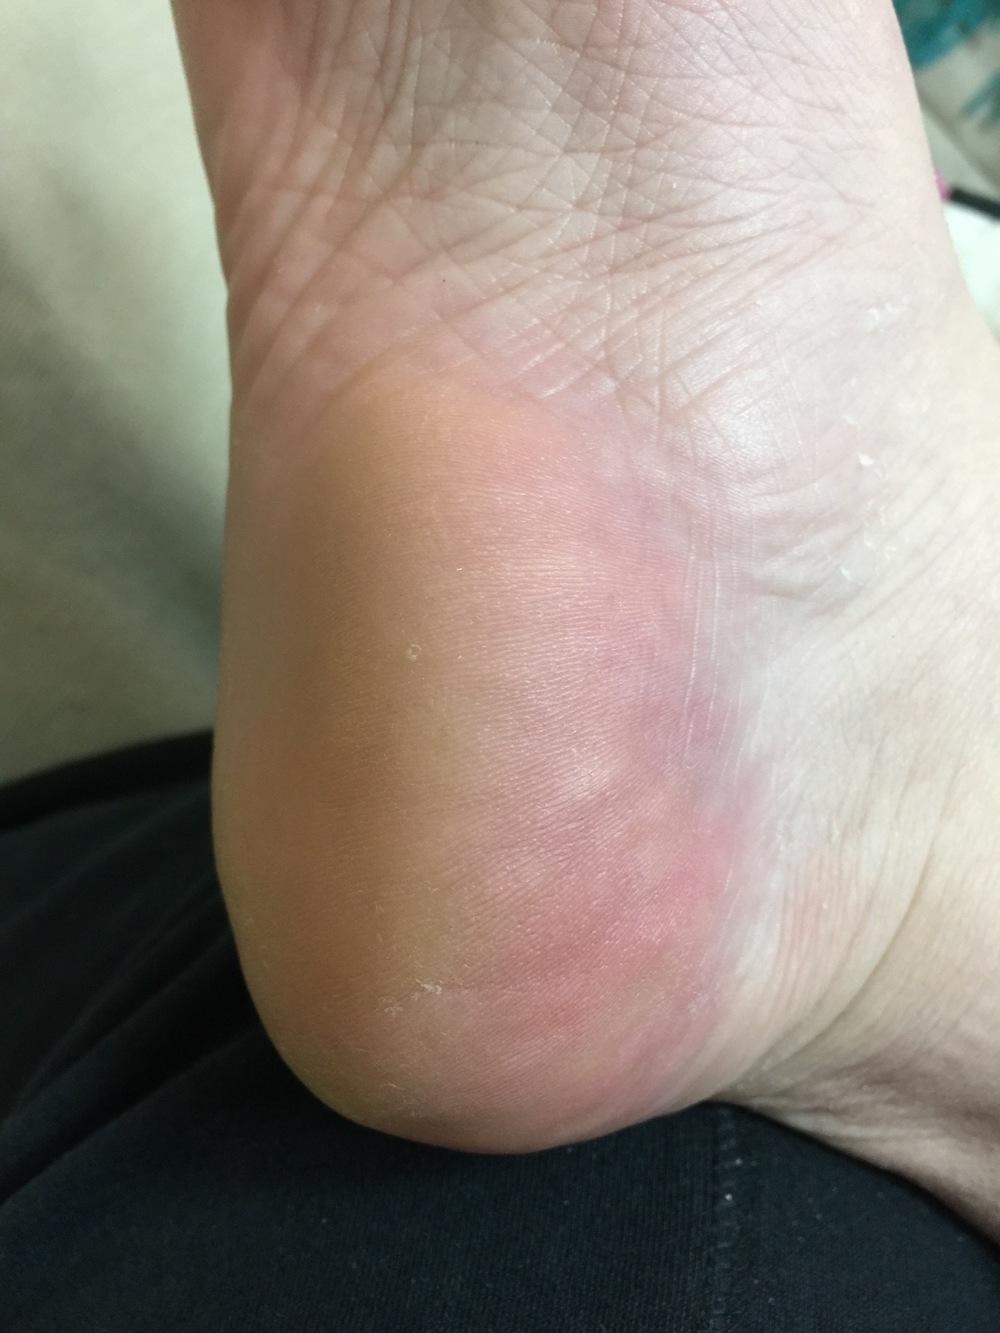 Even the terrible callous on my heel peeled away